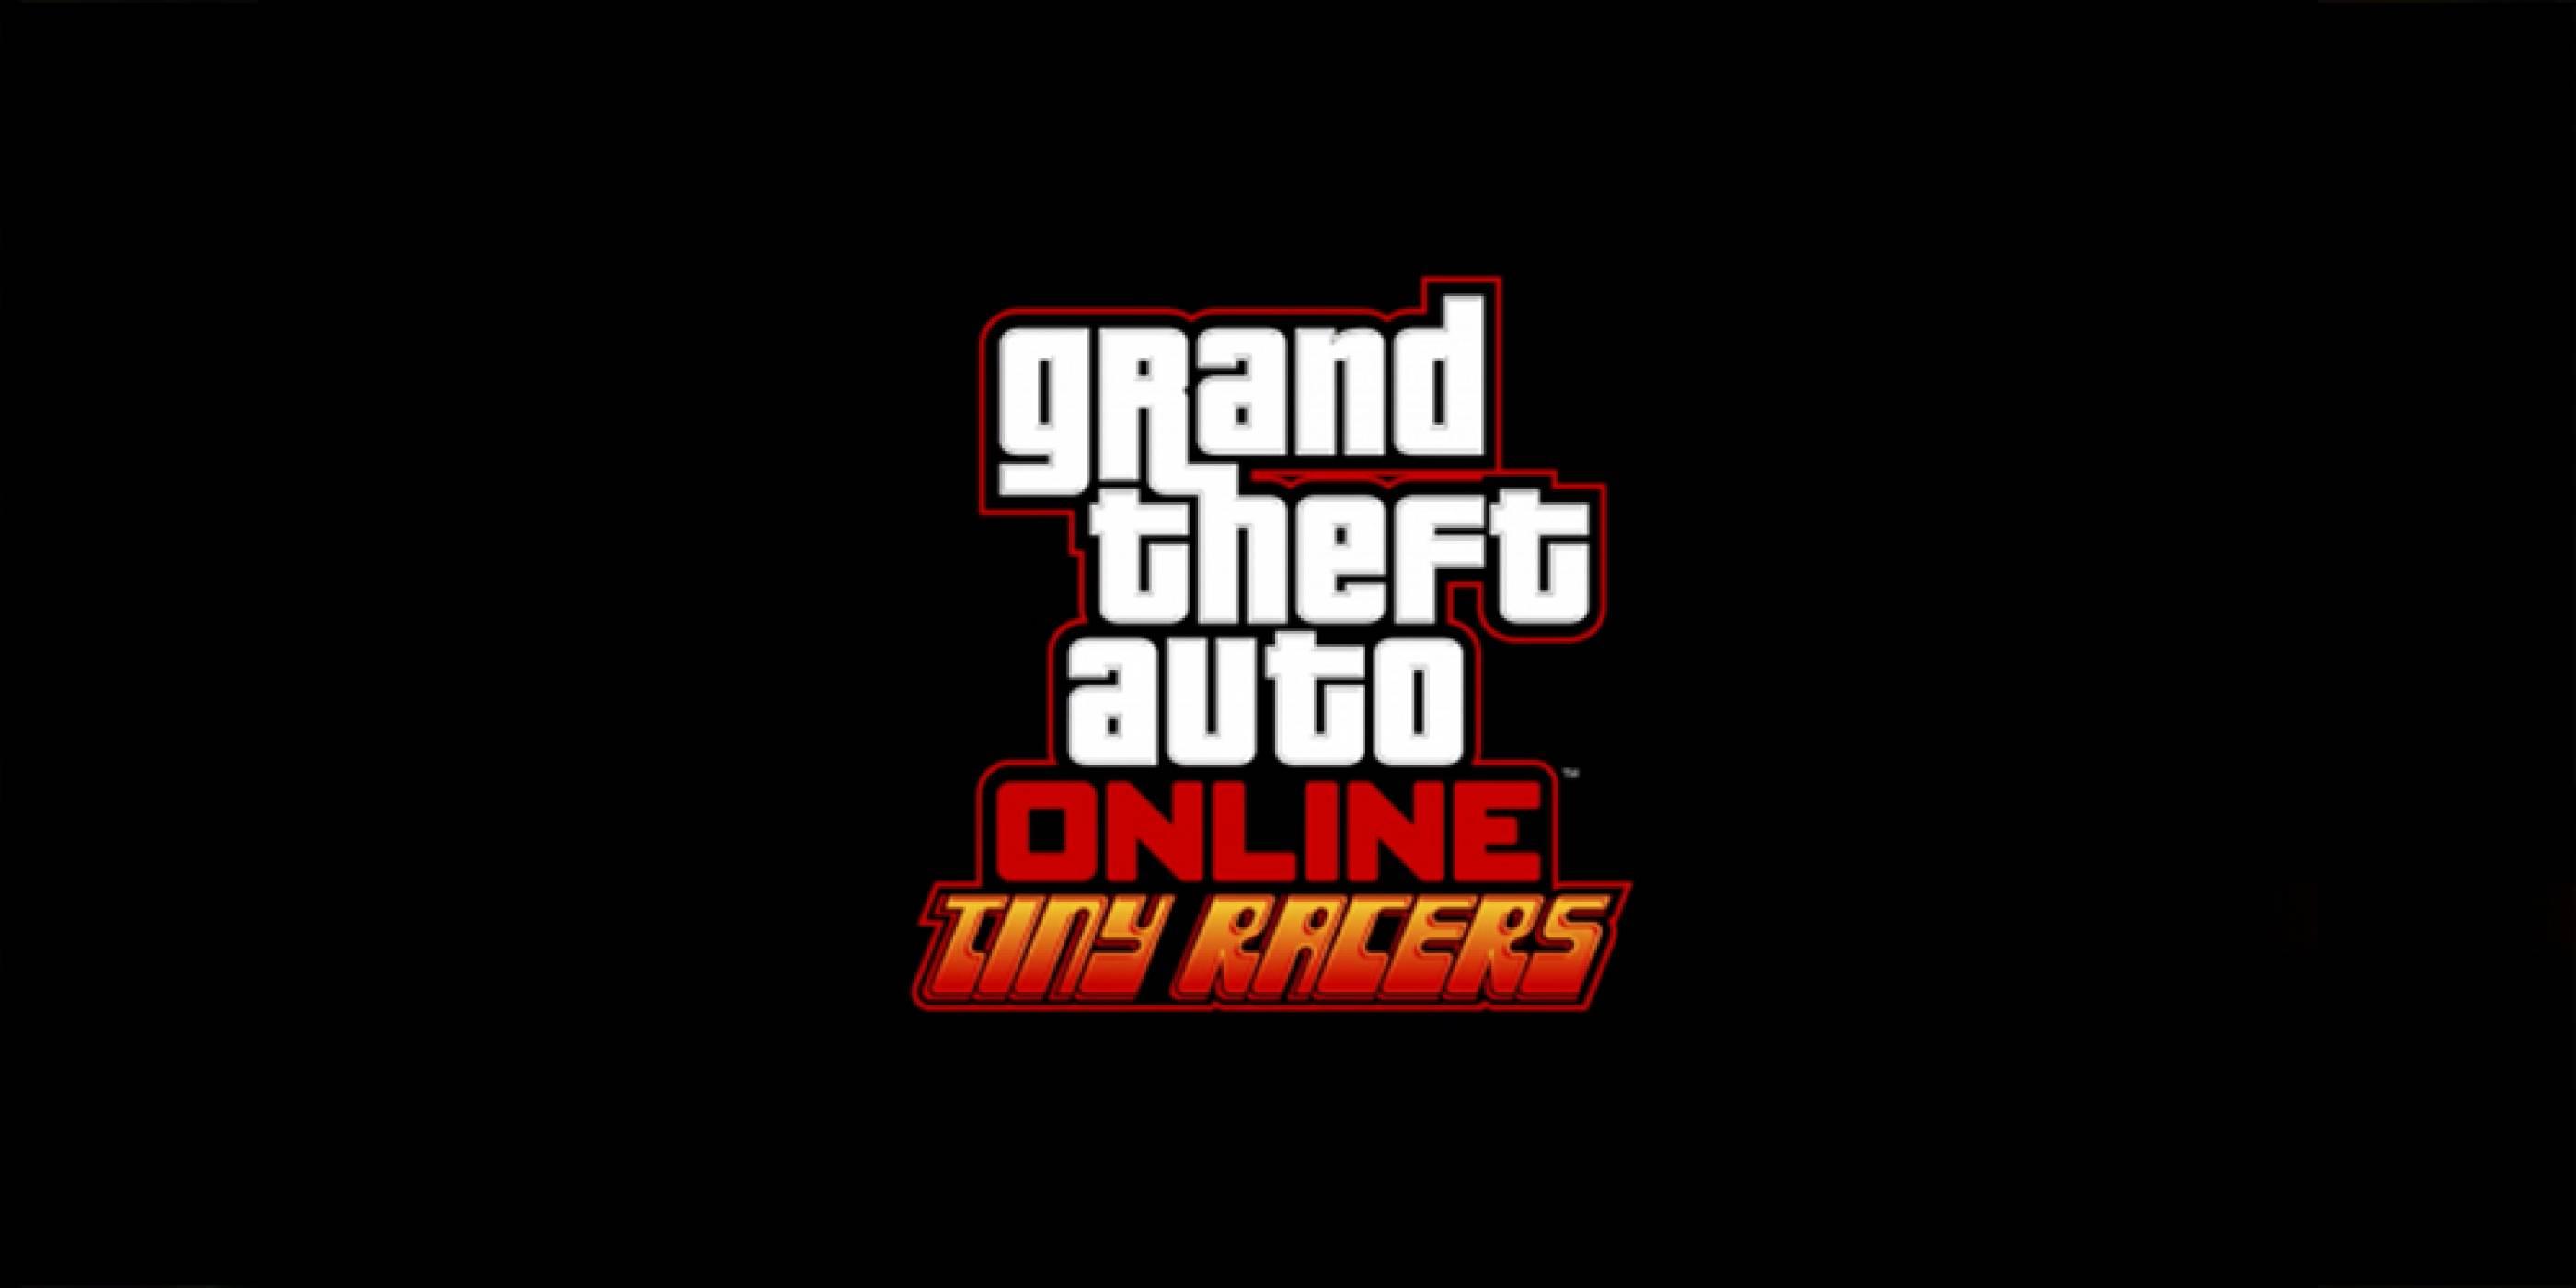 Grand Theft Auto Online Tiny Racers с първи трейлър и дата на излизане